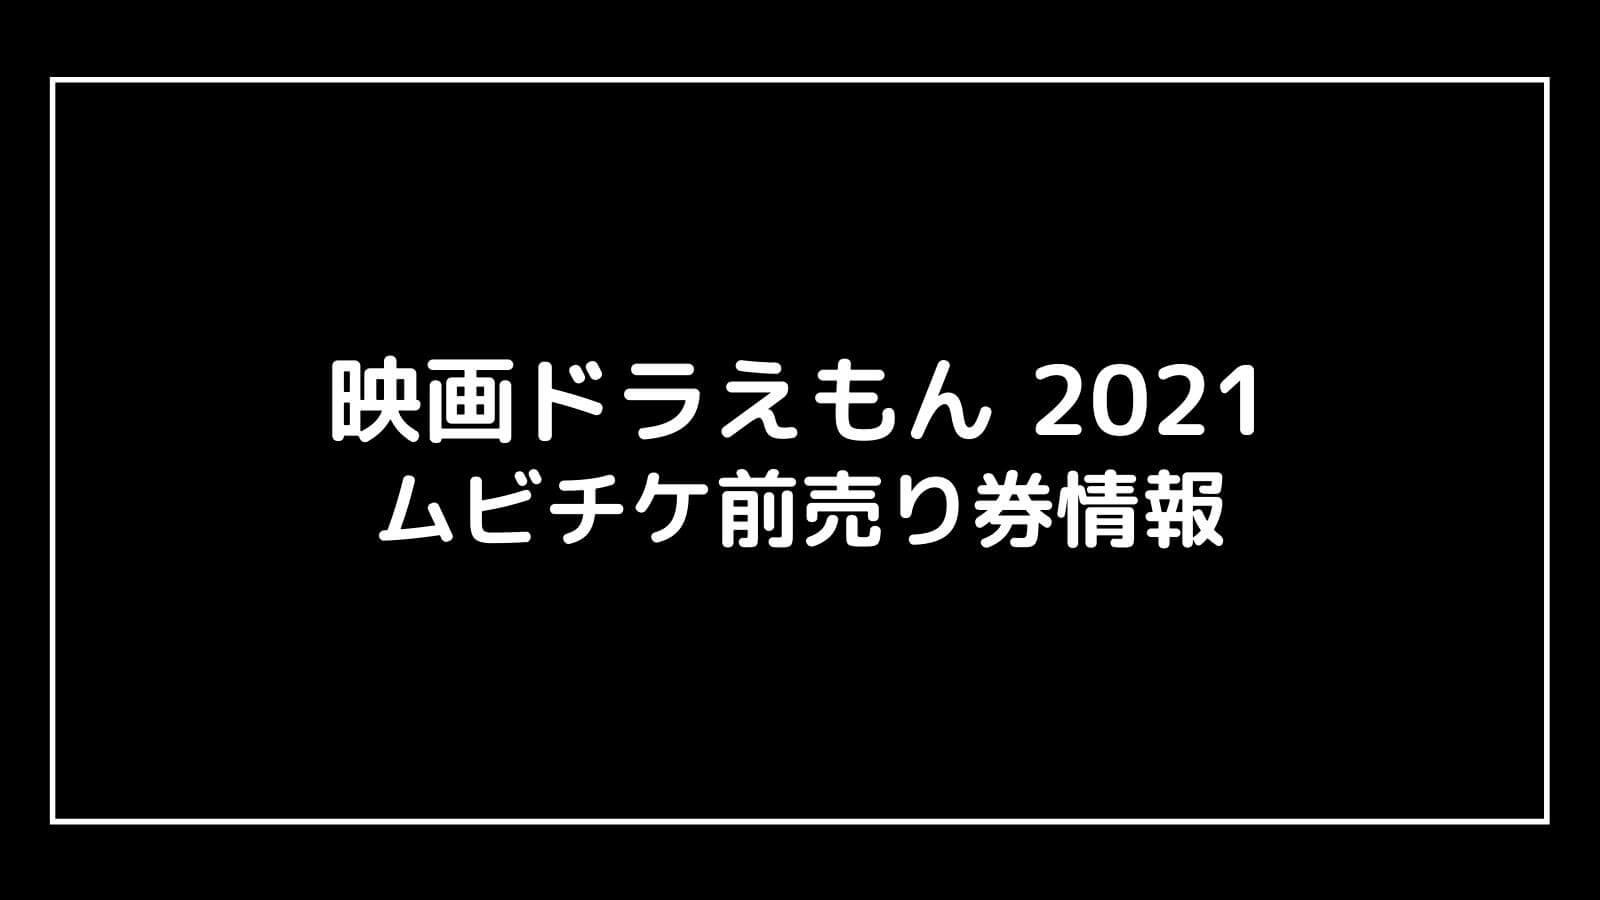 『映画ドラえもん2021』特典付きムビチケ前売り券の情報まとめ【のび太の宇宙小戦争】